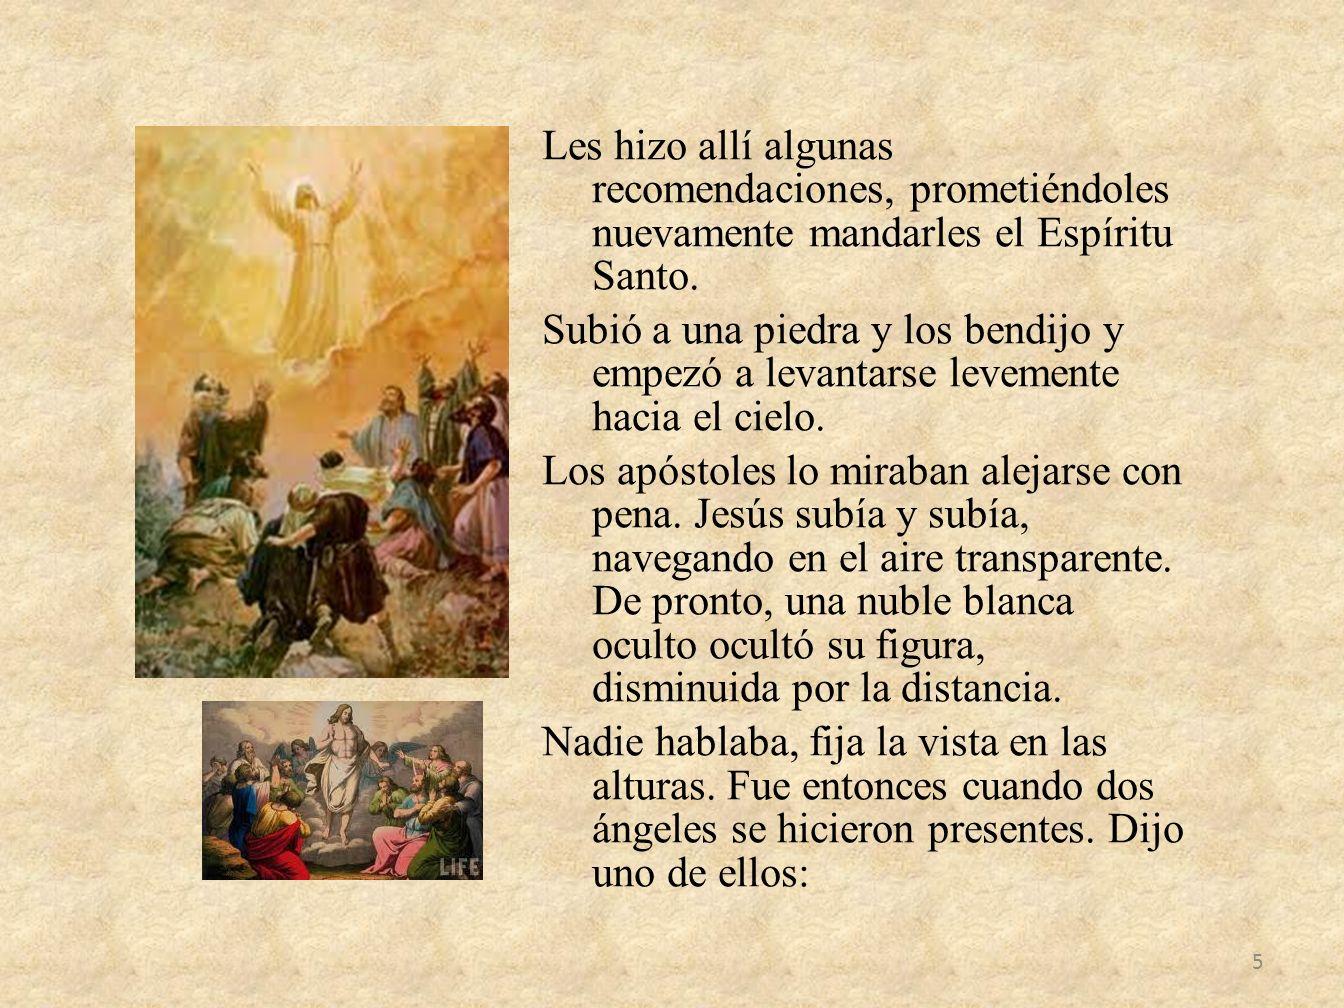 Les hizo allí algunas recomendaciones, prometiéndoles nuevamente mandarles el Espíritu Santo.